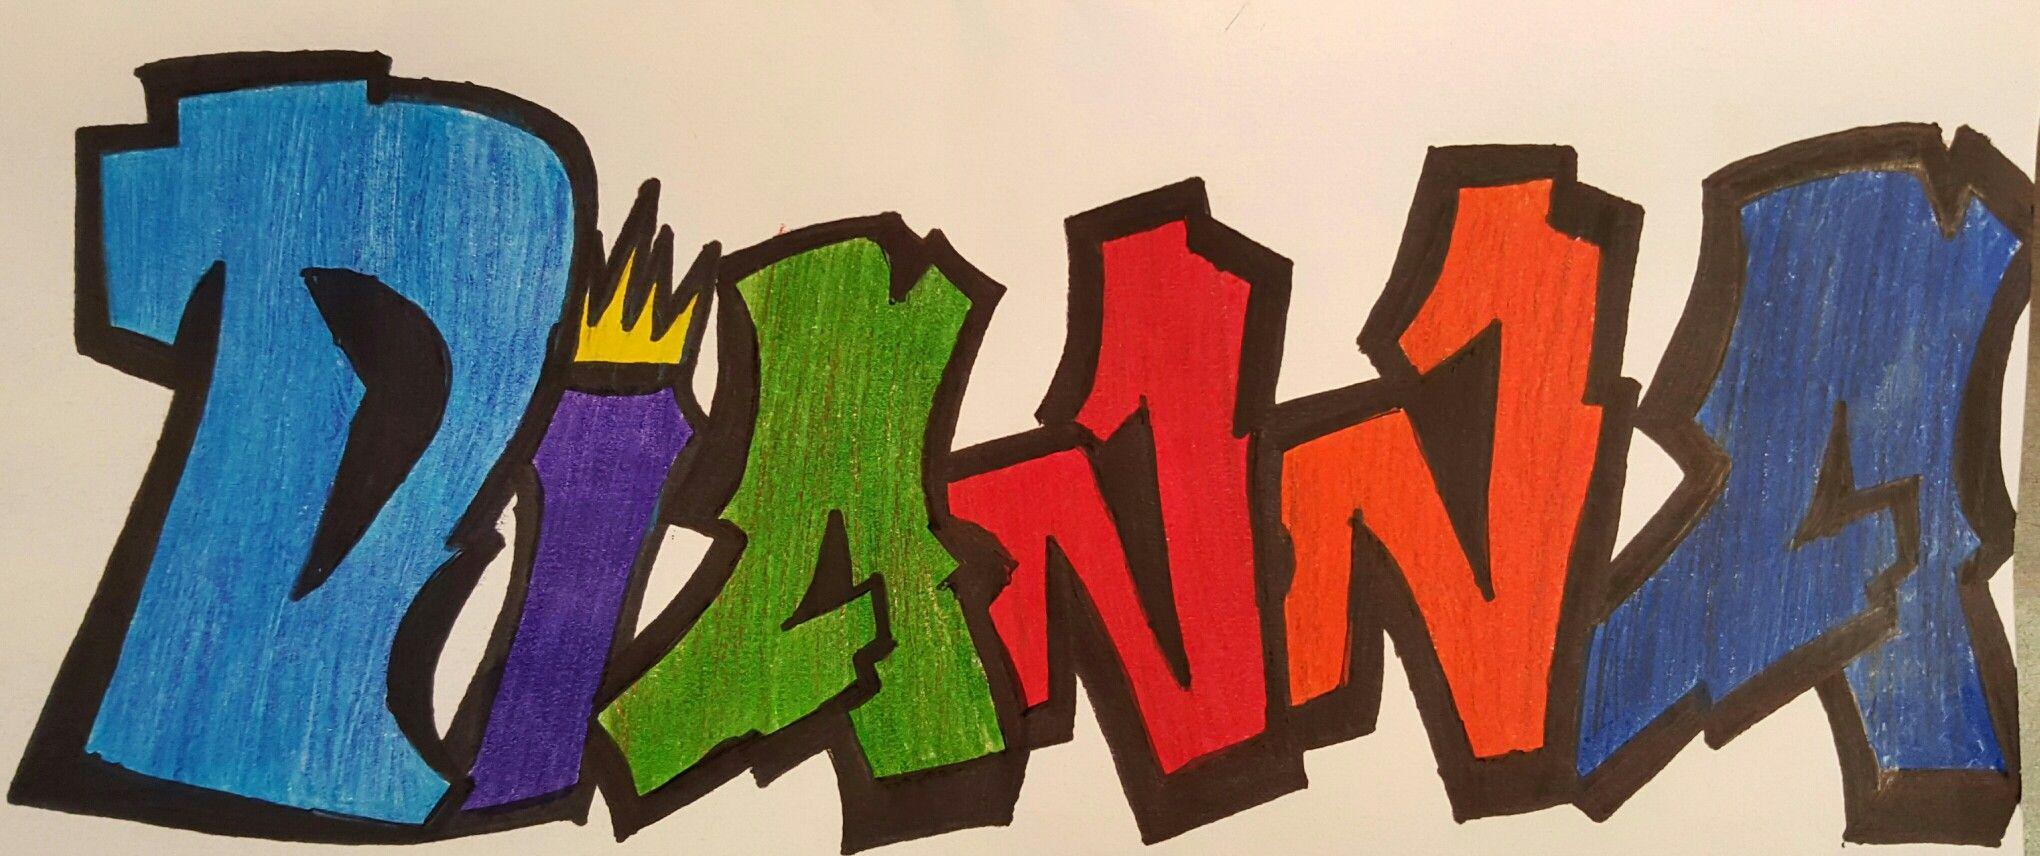 Картинки с именами графити